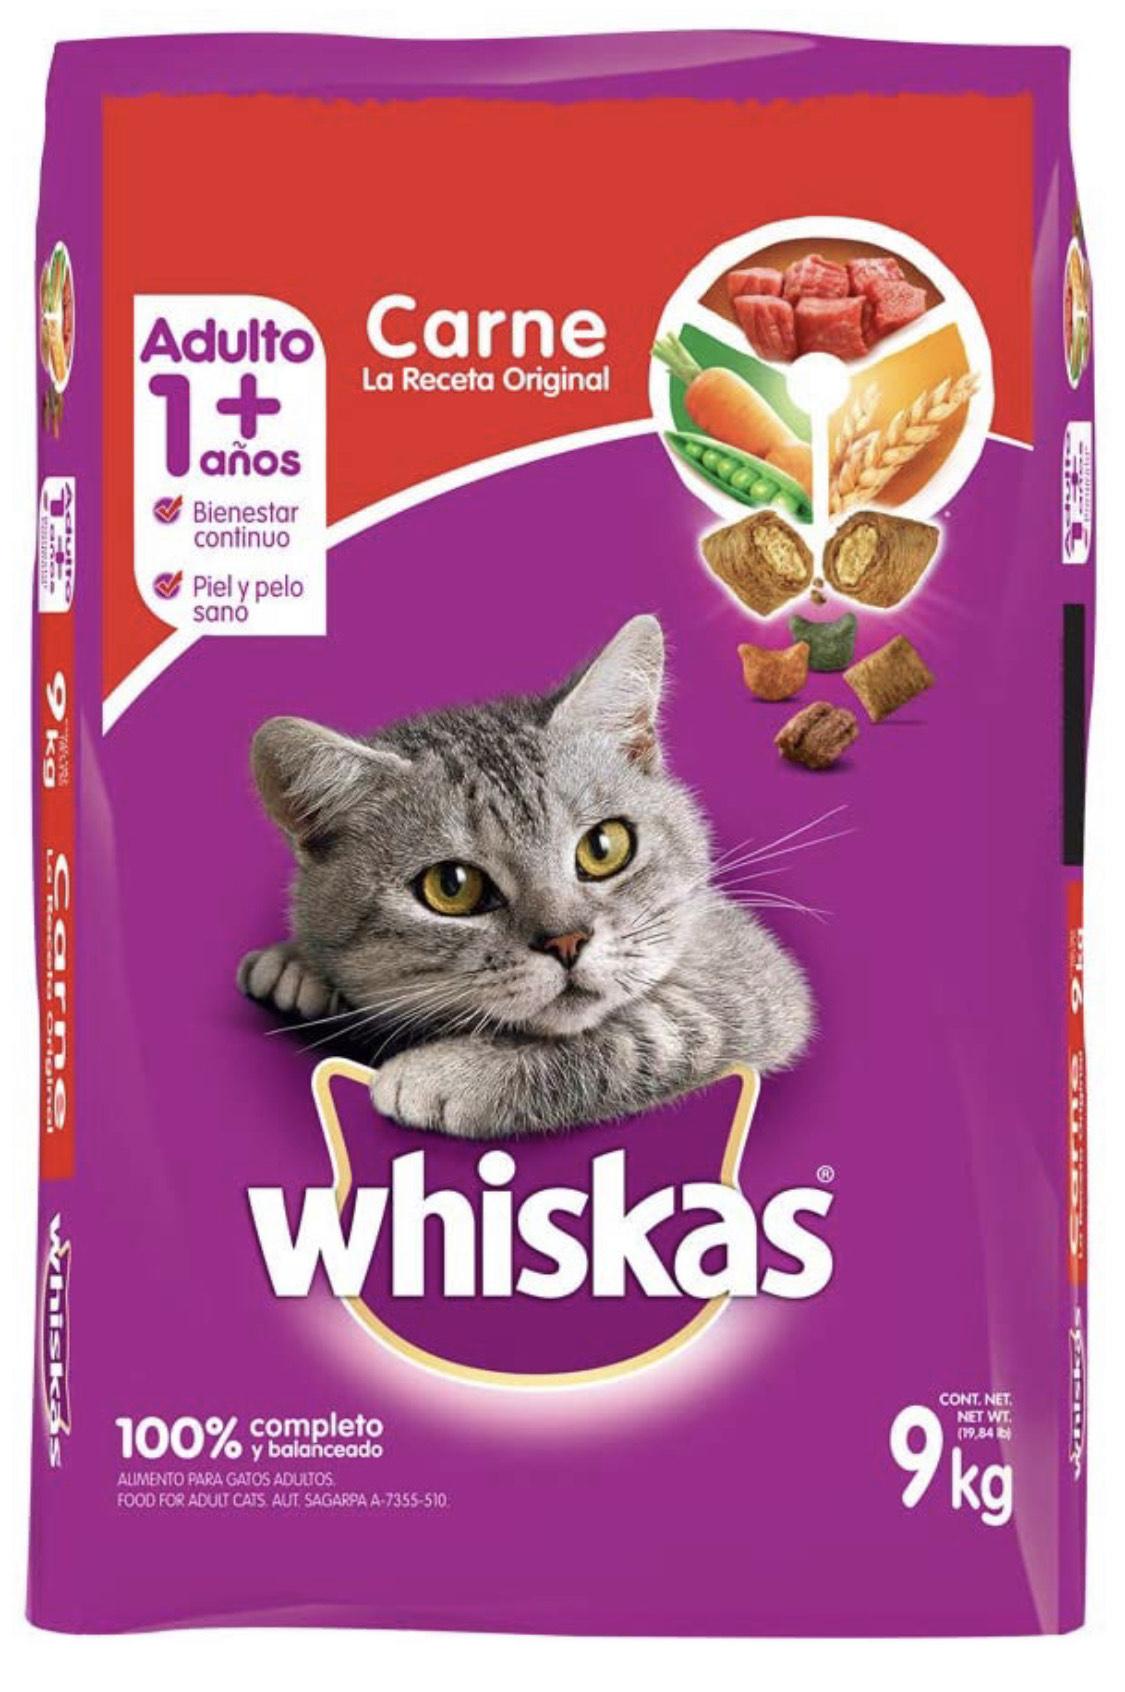 Amazon: Whiskas Whiskas alimento para Gatos Adultos. Sabor Carne (Receta Orginal) 9Kg,